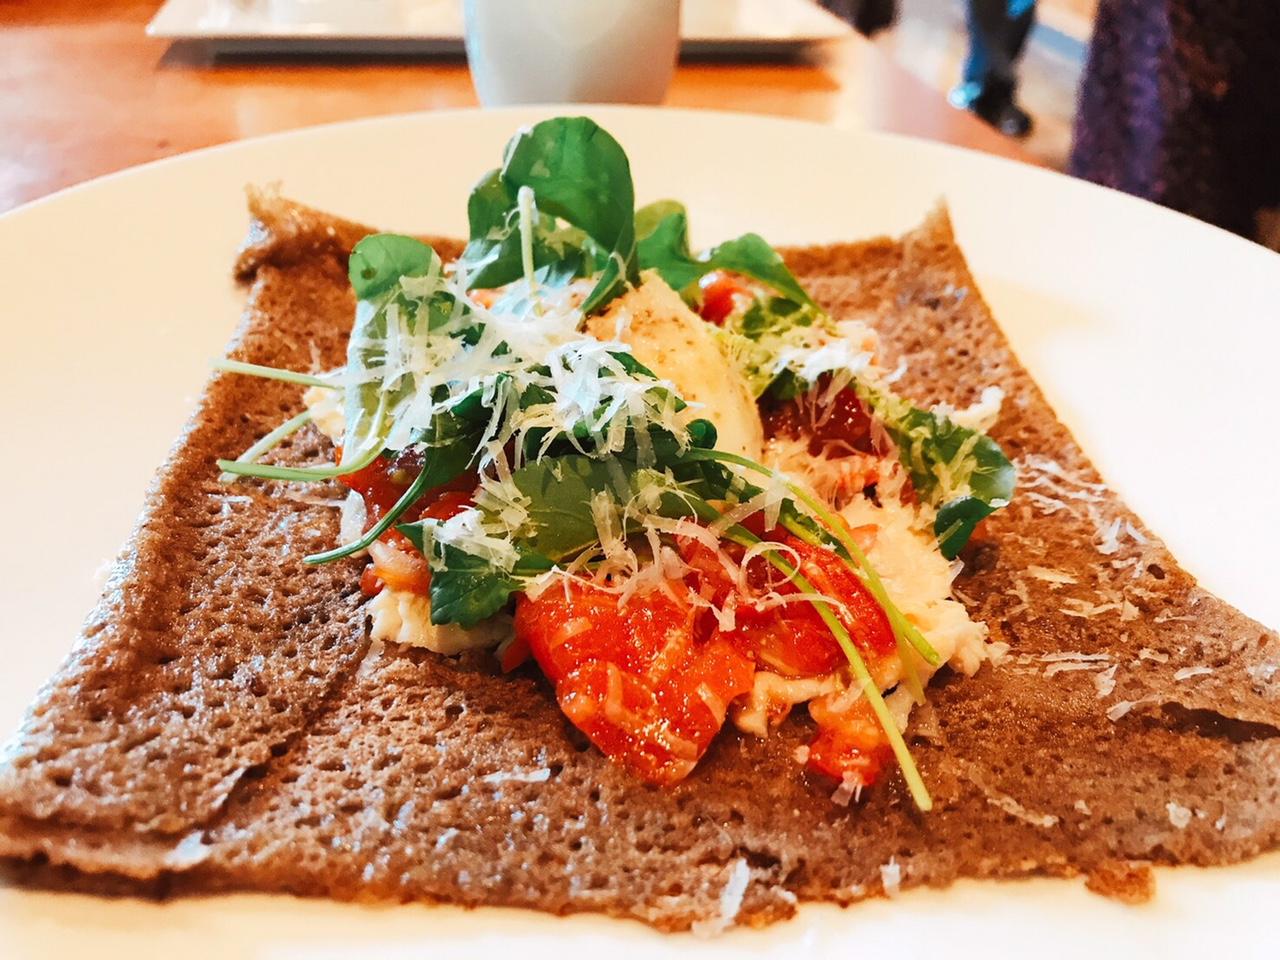 【軽井沢星野リゾート】おしゃれガレット朝食を頂く優雅な朝